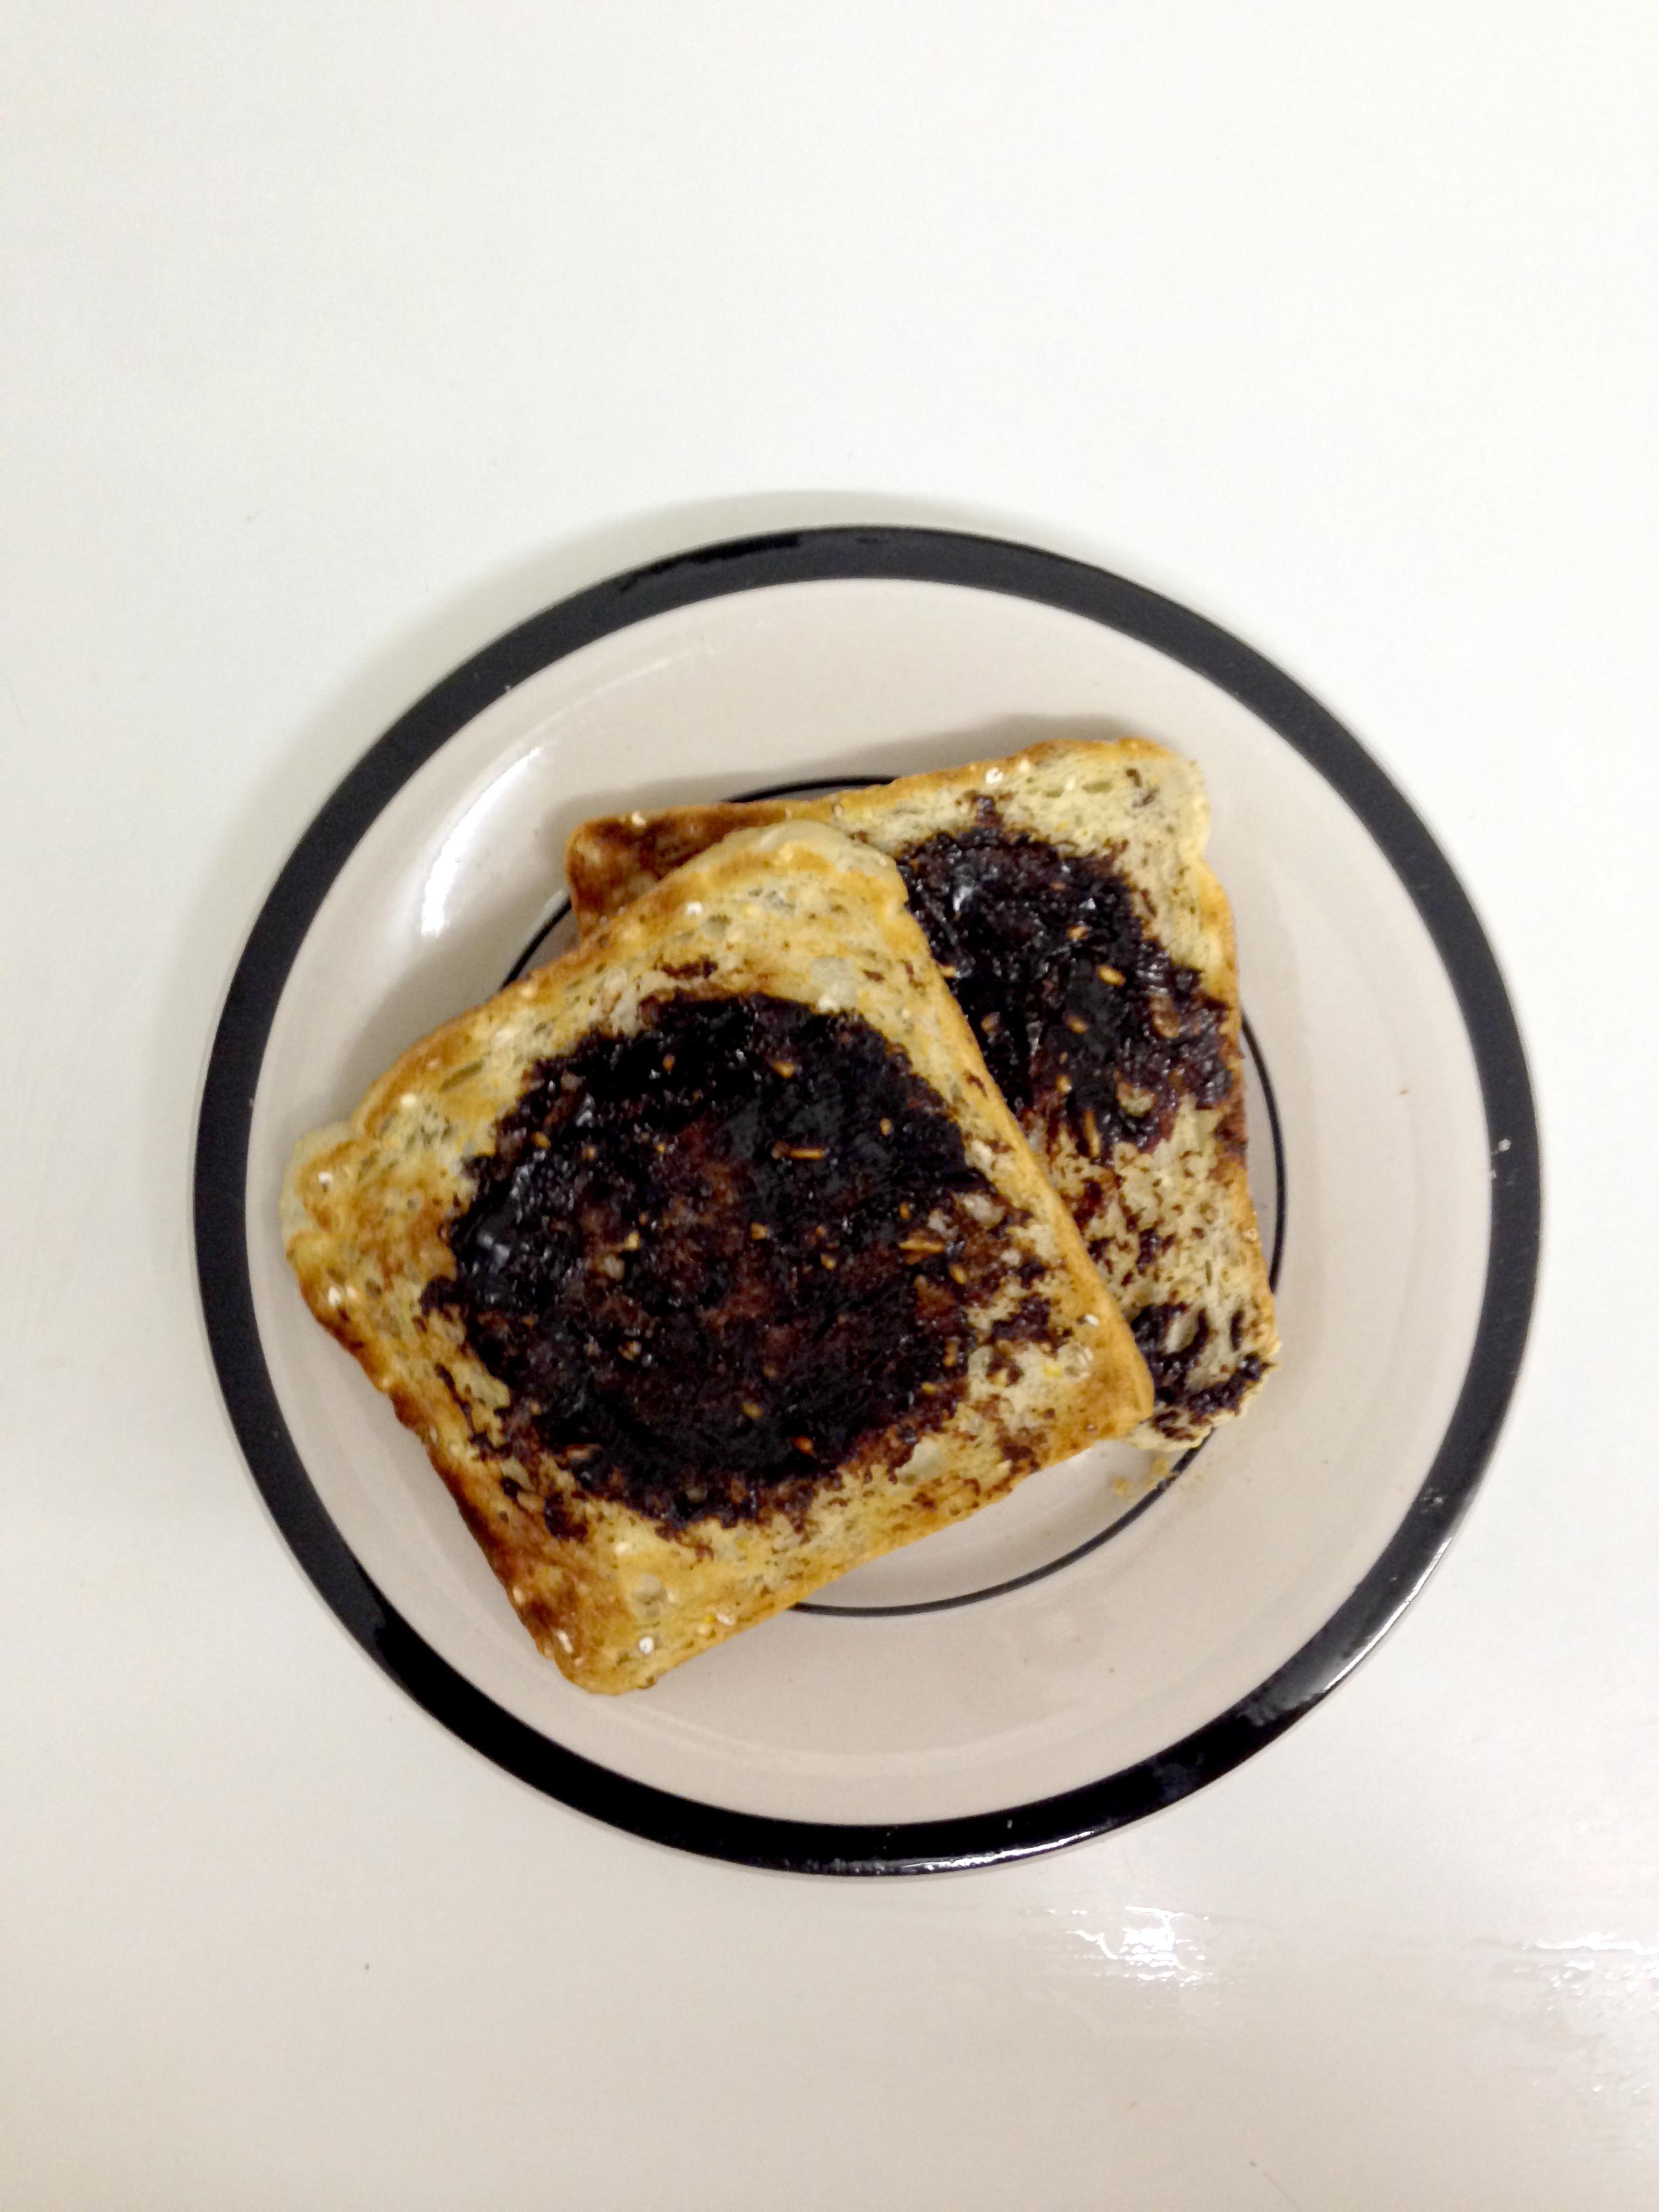 Vegemite on toast, Bread, Breakfast, Spread, Toast, HQ Photo